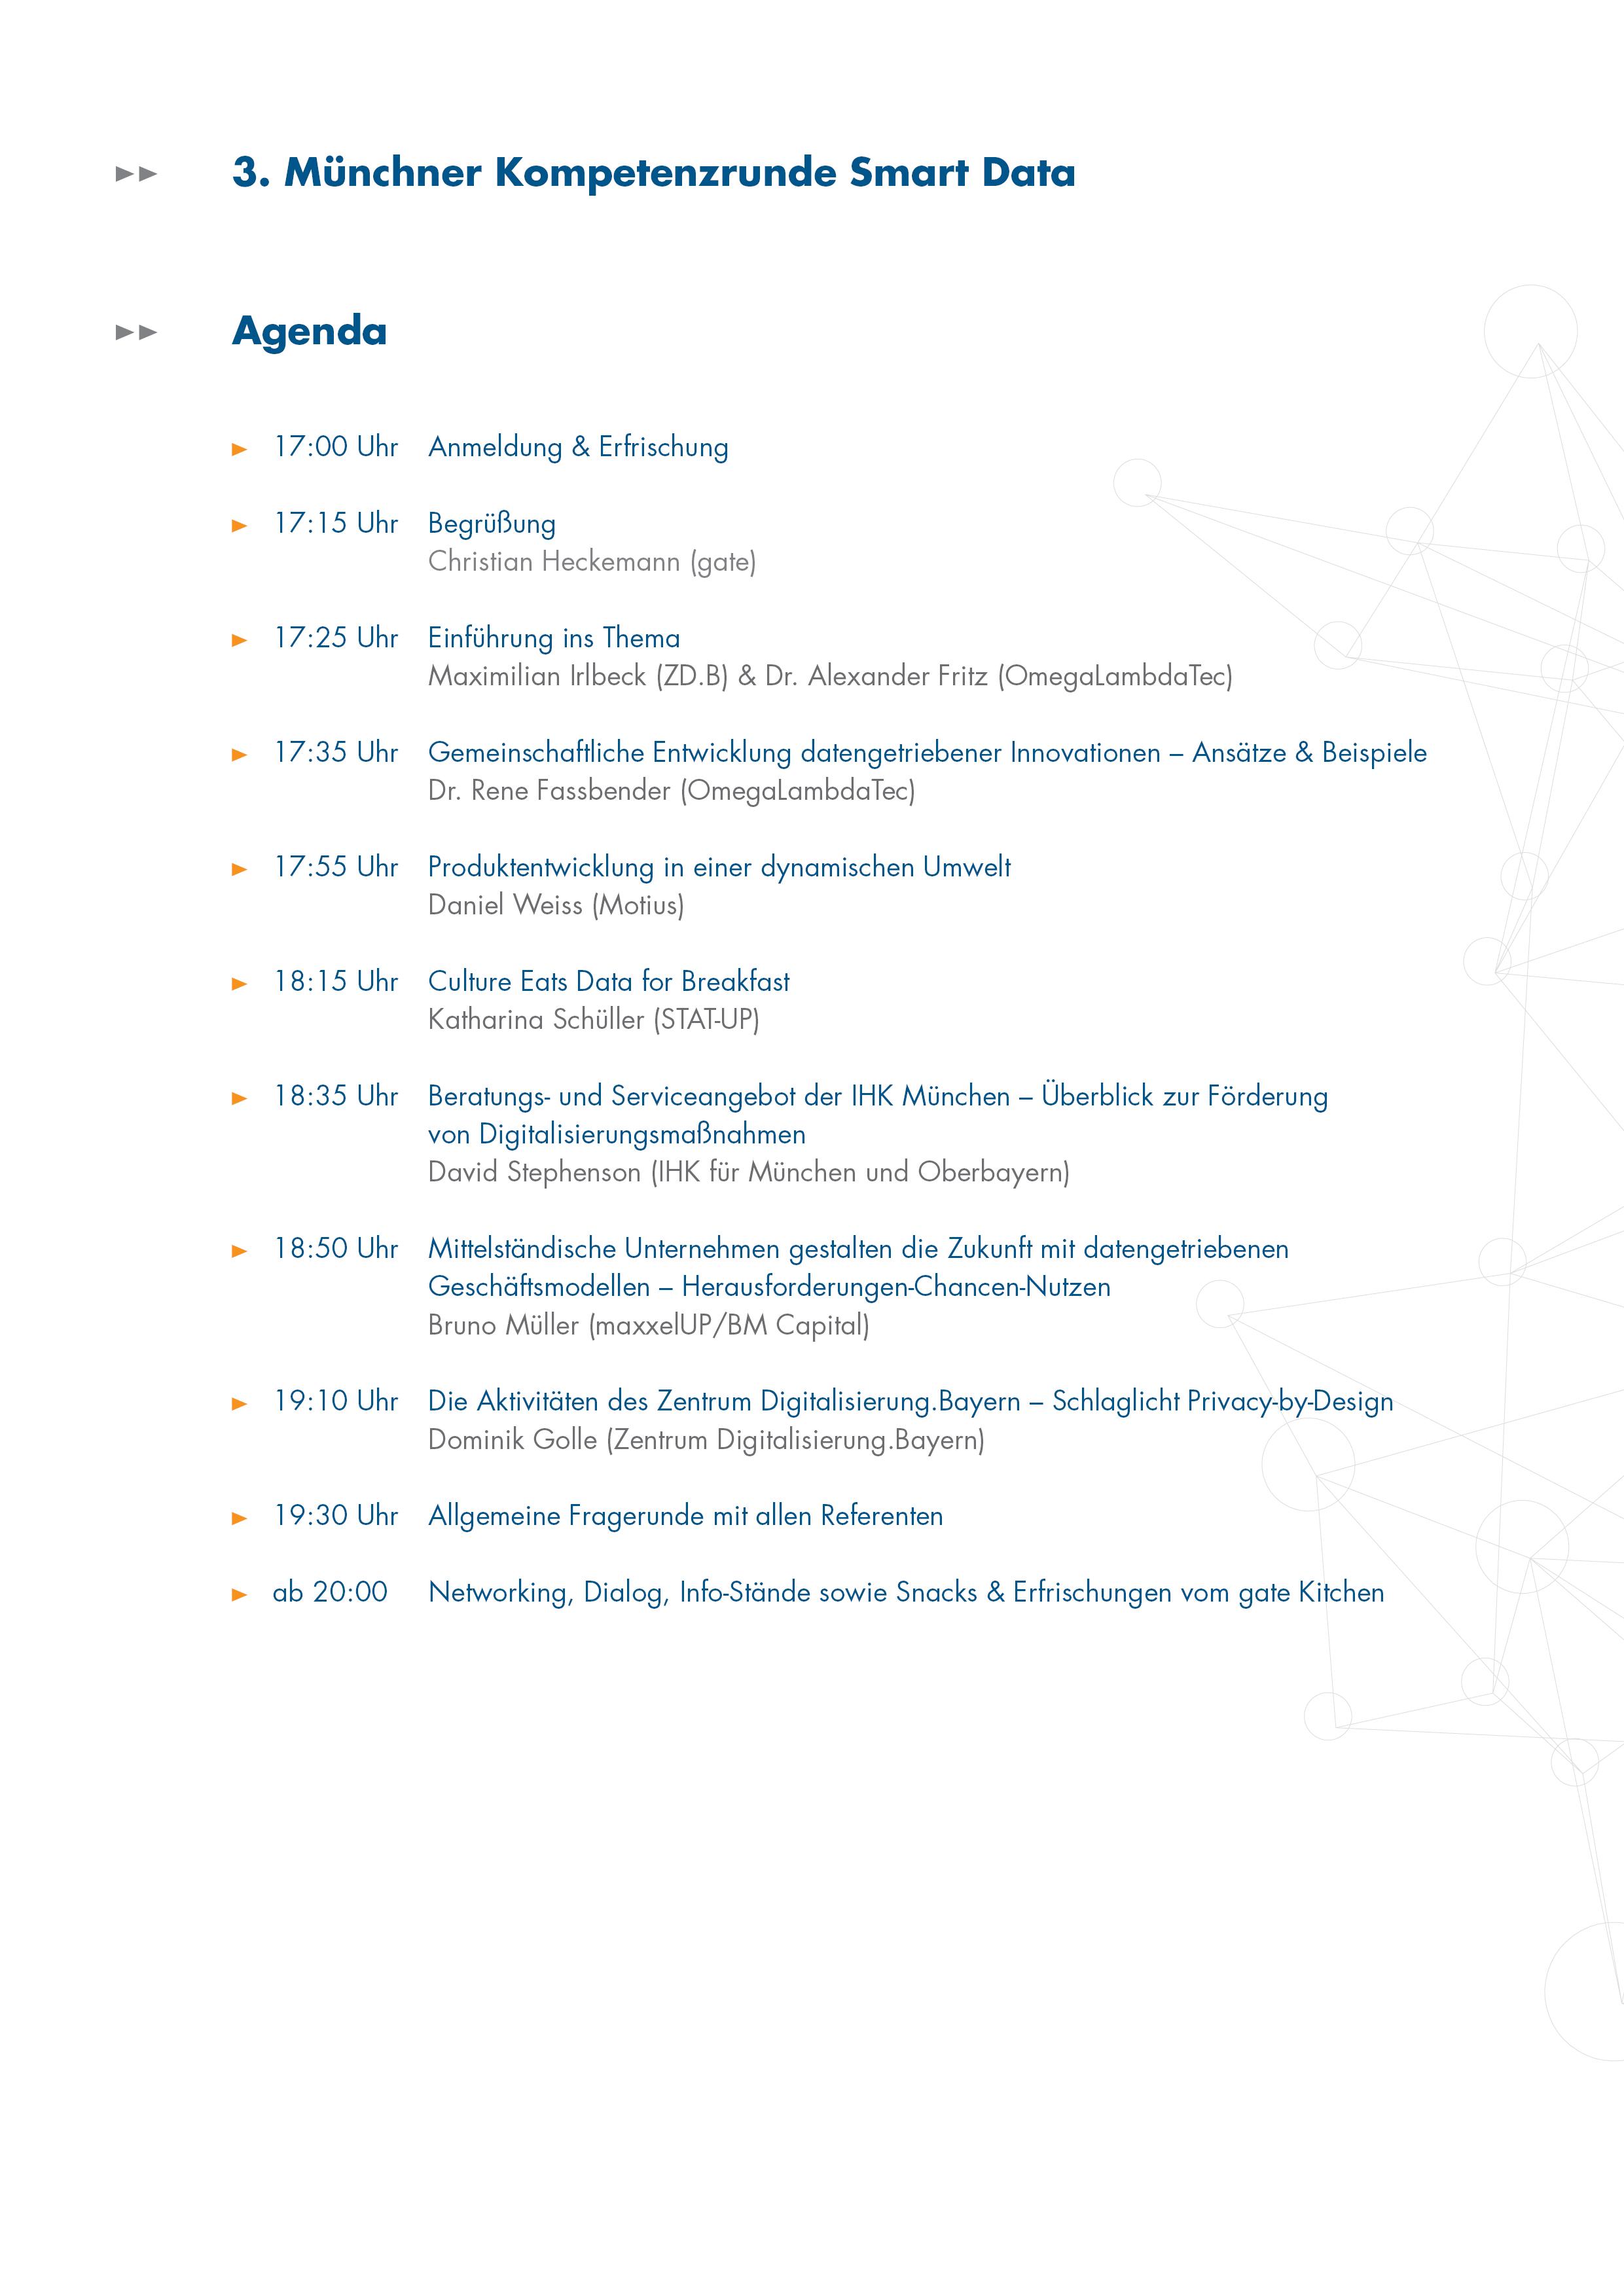 Agenda der Veranstaltung